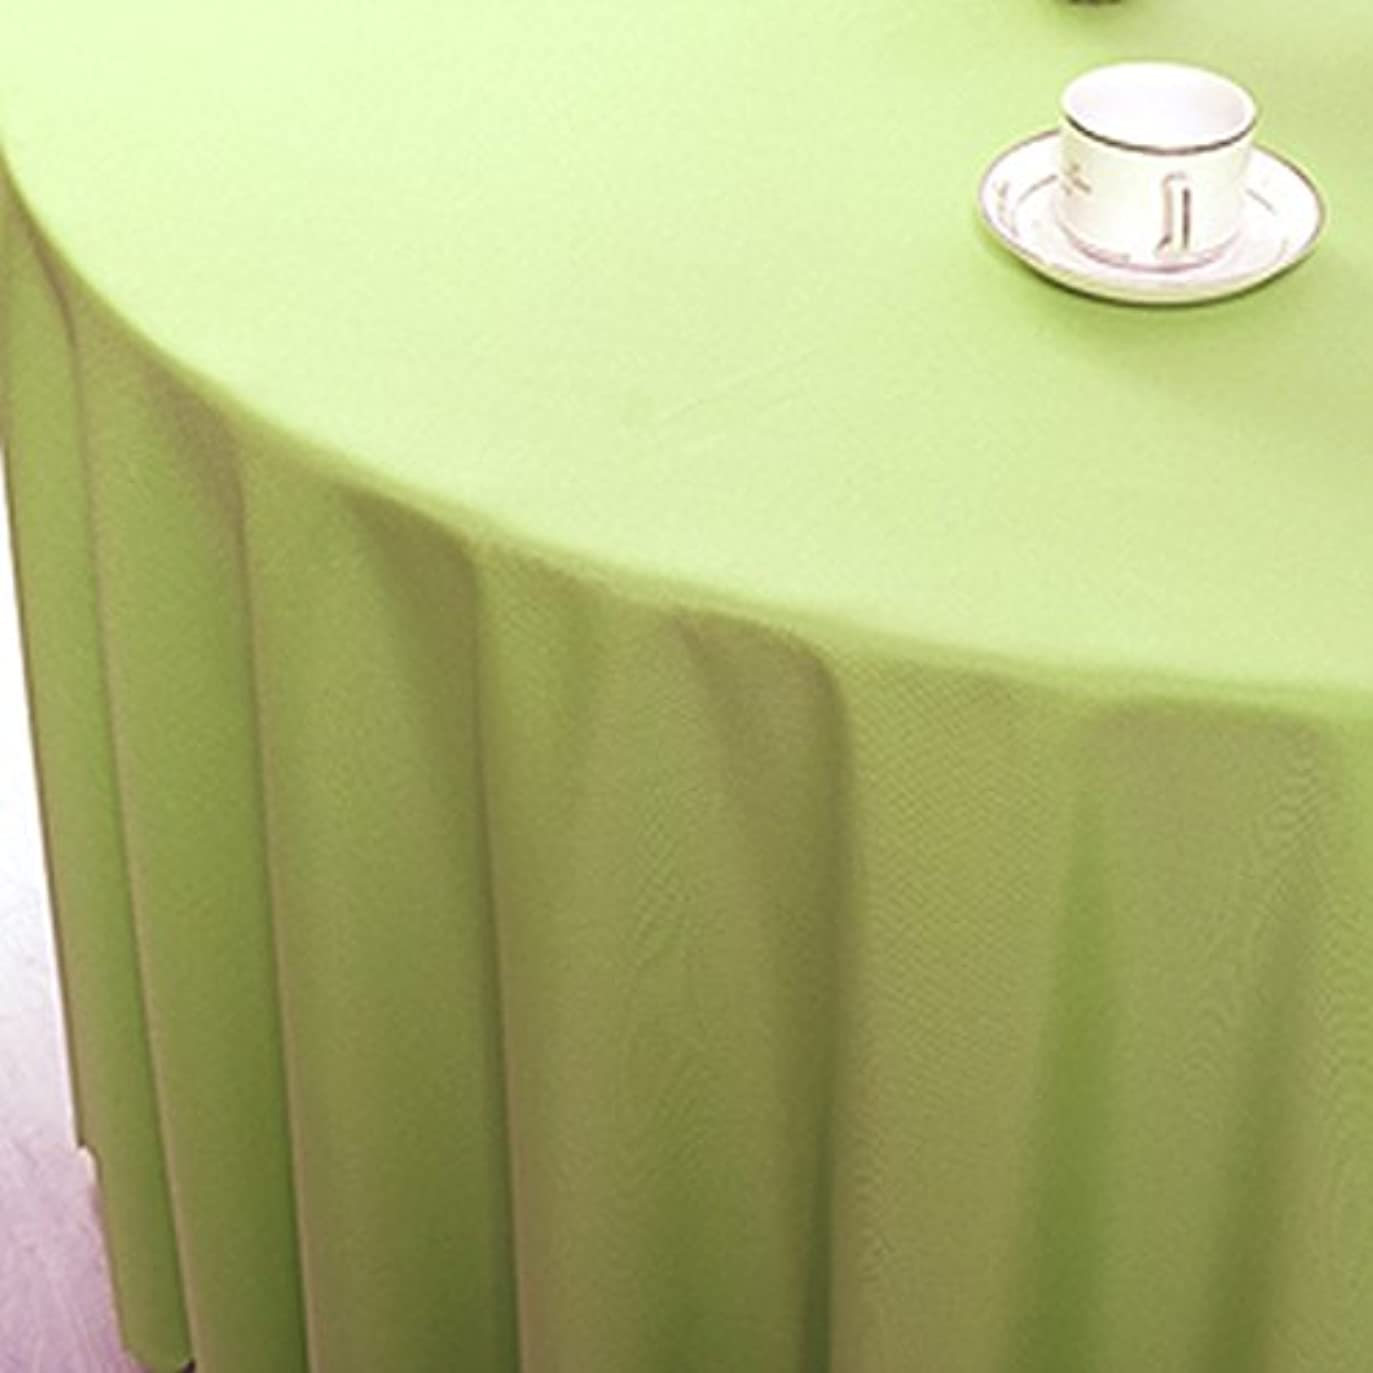 たくさんの説明不機嫌Djyyh ラウンドポリエステルテーブルクロスヨーロッパスタイルコーヒーテーブルレストランホテルテーブルクロスのソリッドカラー複数のサイズ複数の色(62インチ/ 160センチメートル - 125センチメートル/ 320センチメートル) (Color : Grass green, Size : Round 300cm)